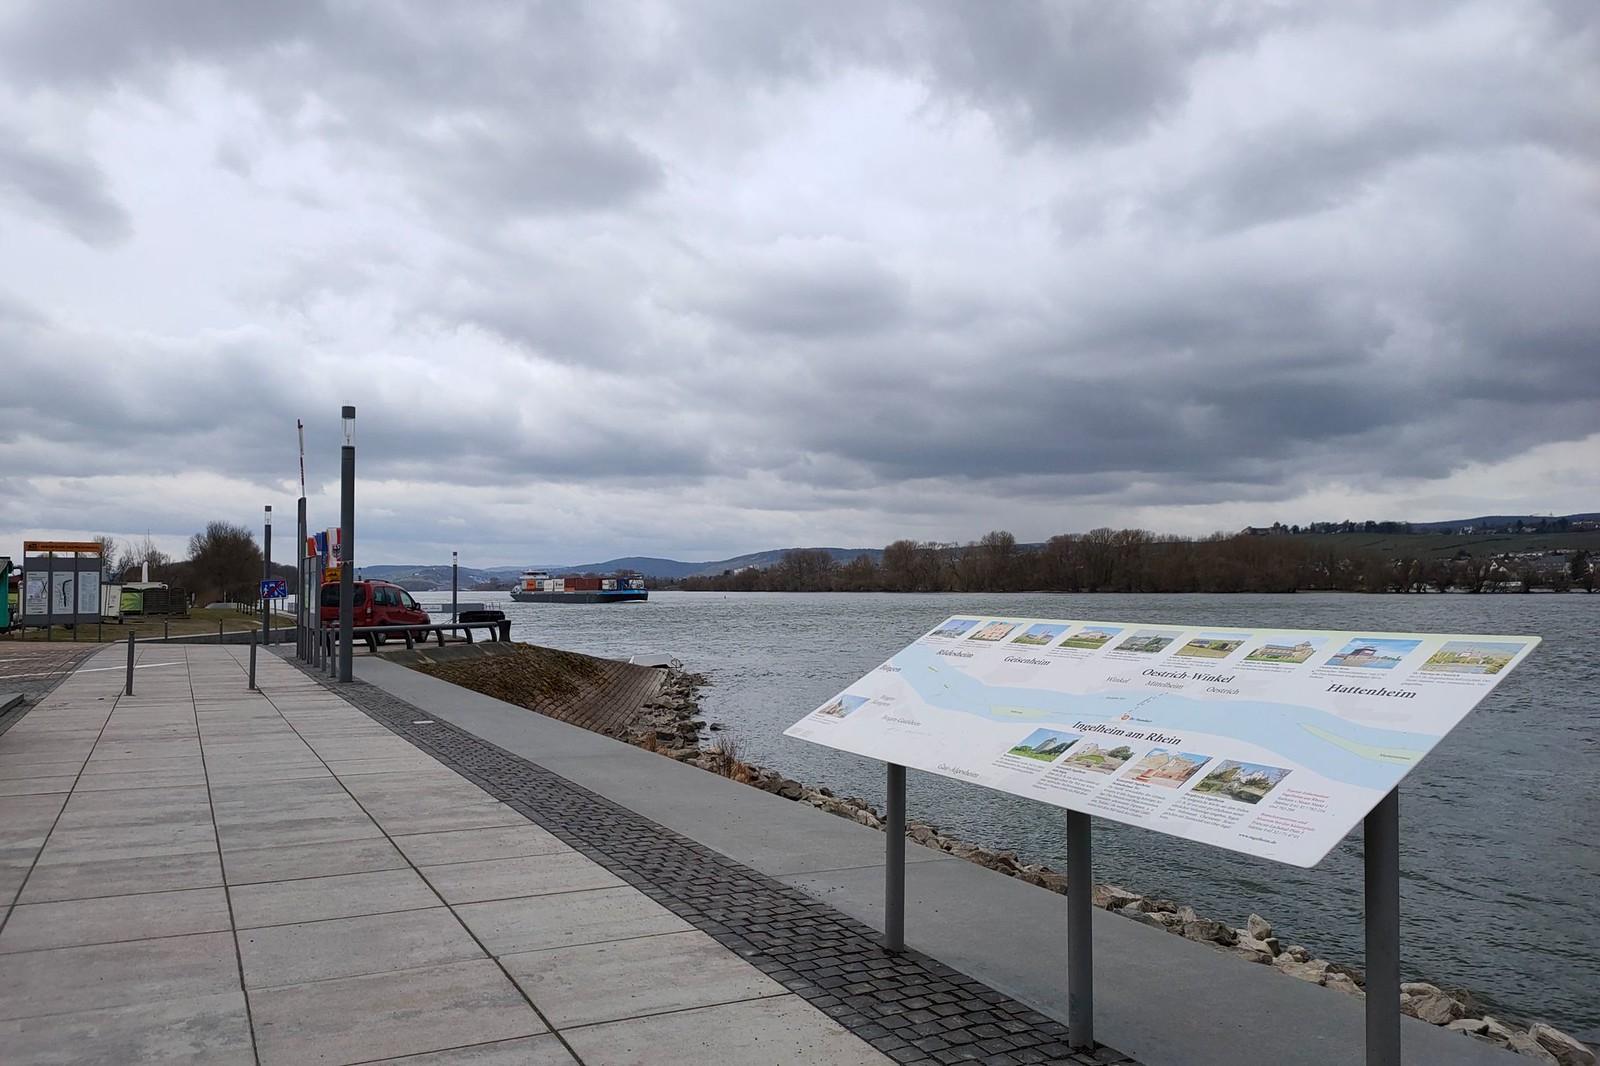 Mole am Ingelheimer Hafen